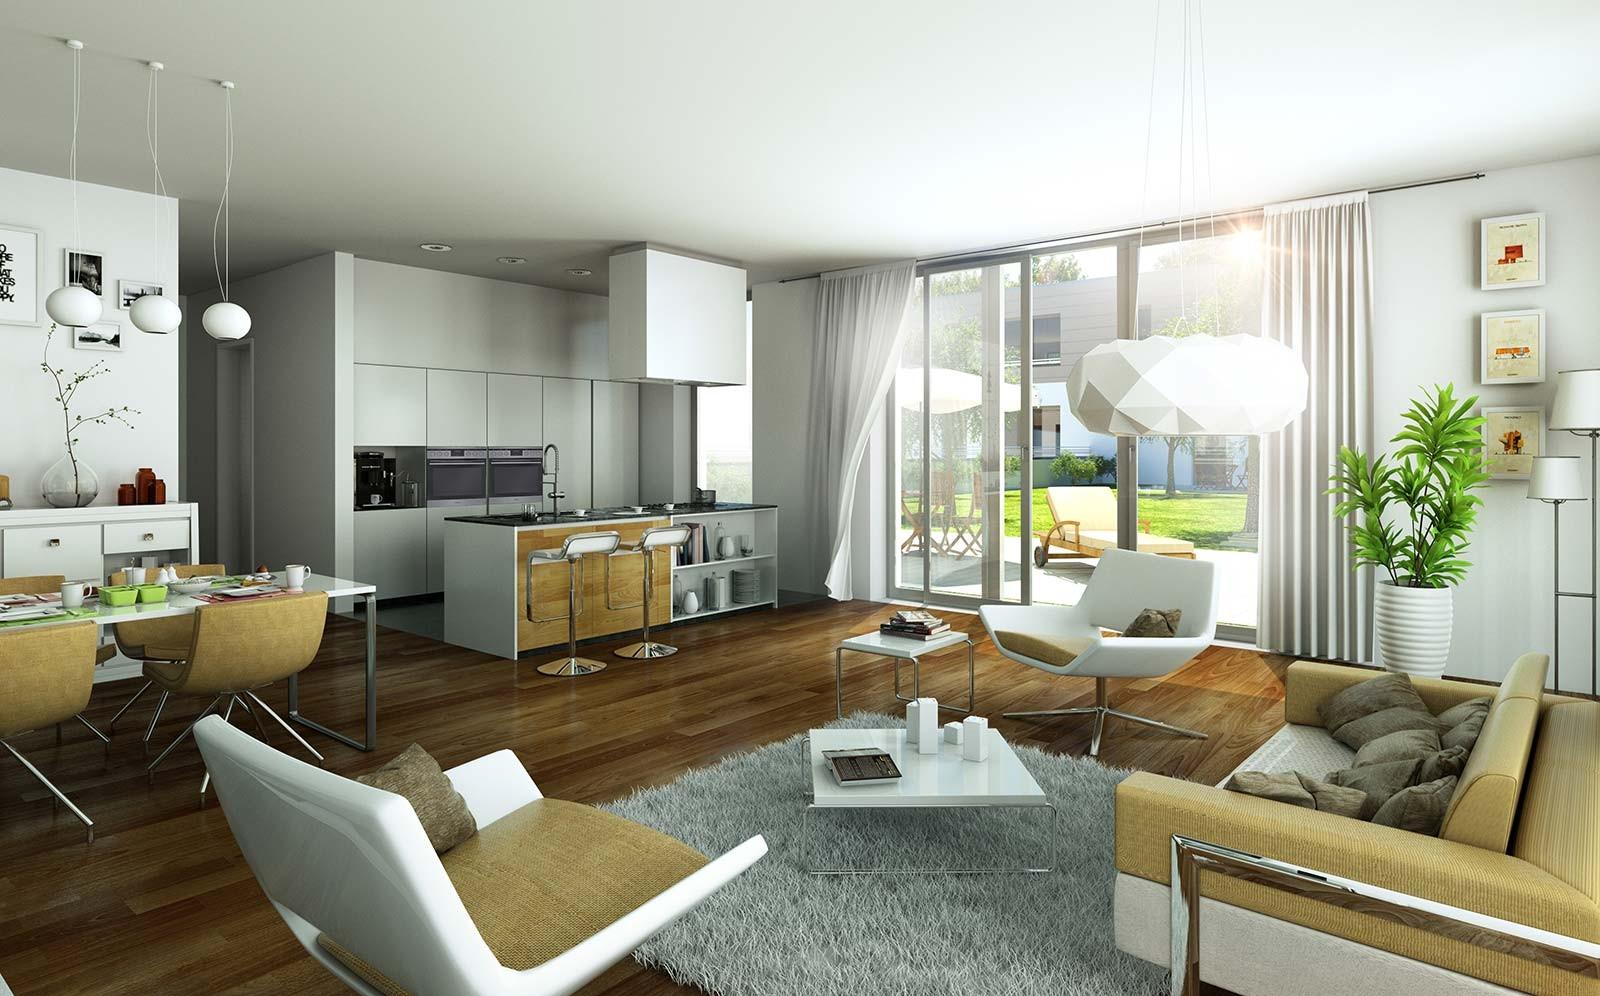 Wohnzimmer in Potsdam - Architekturvisualisierung Innenraum